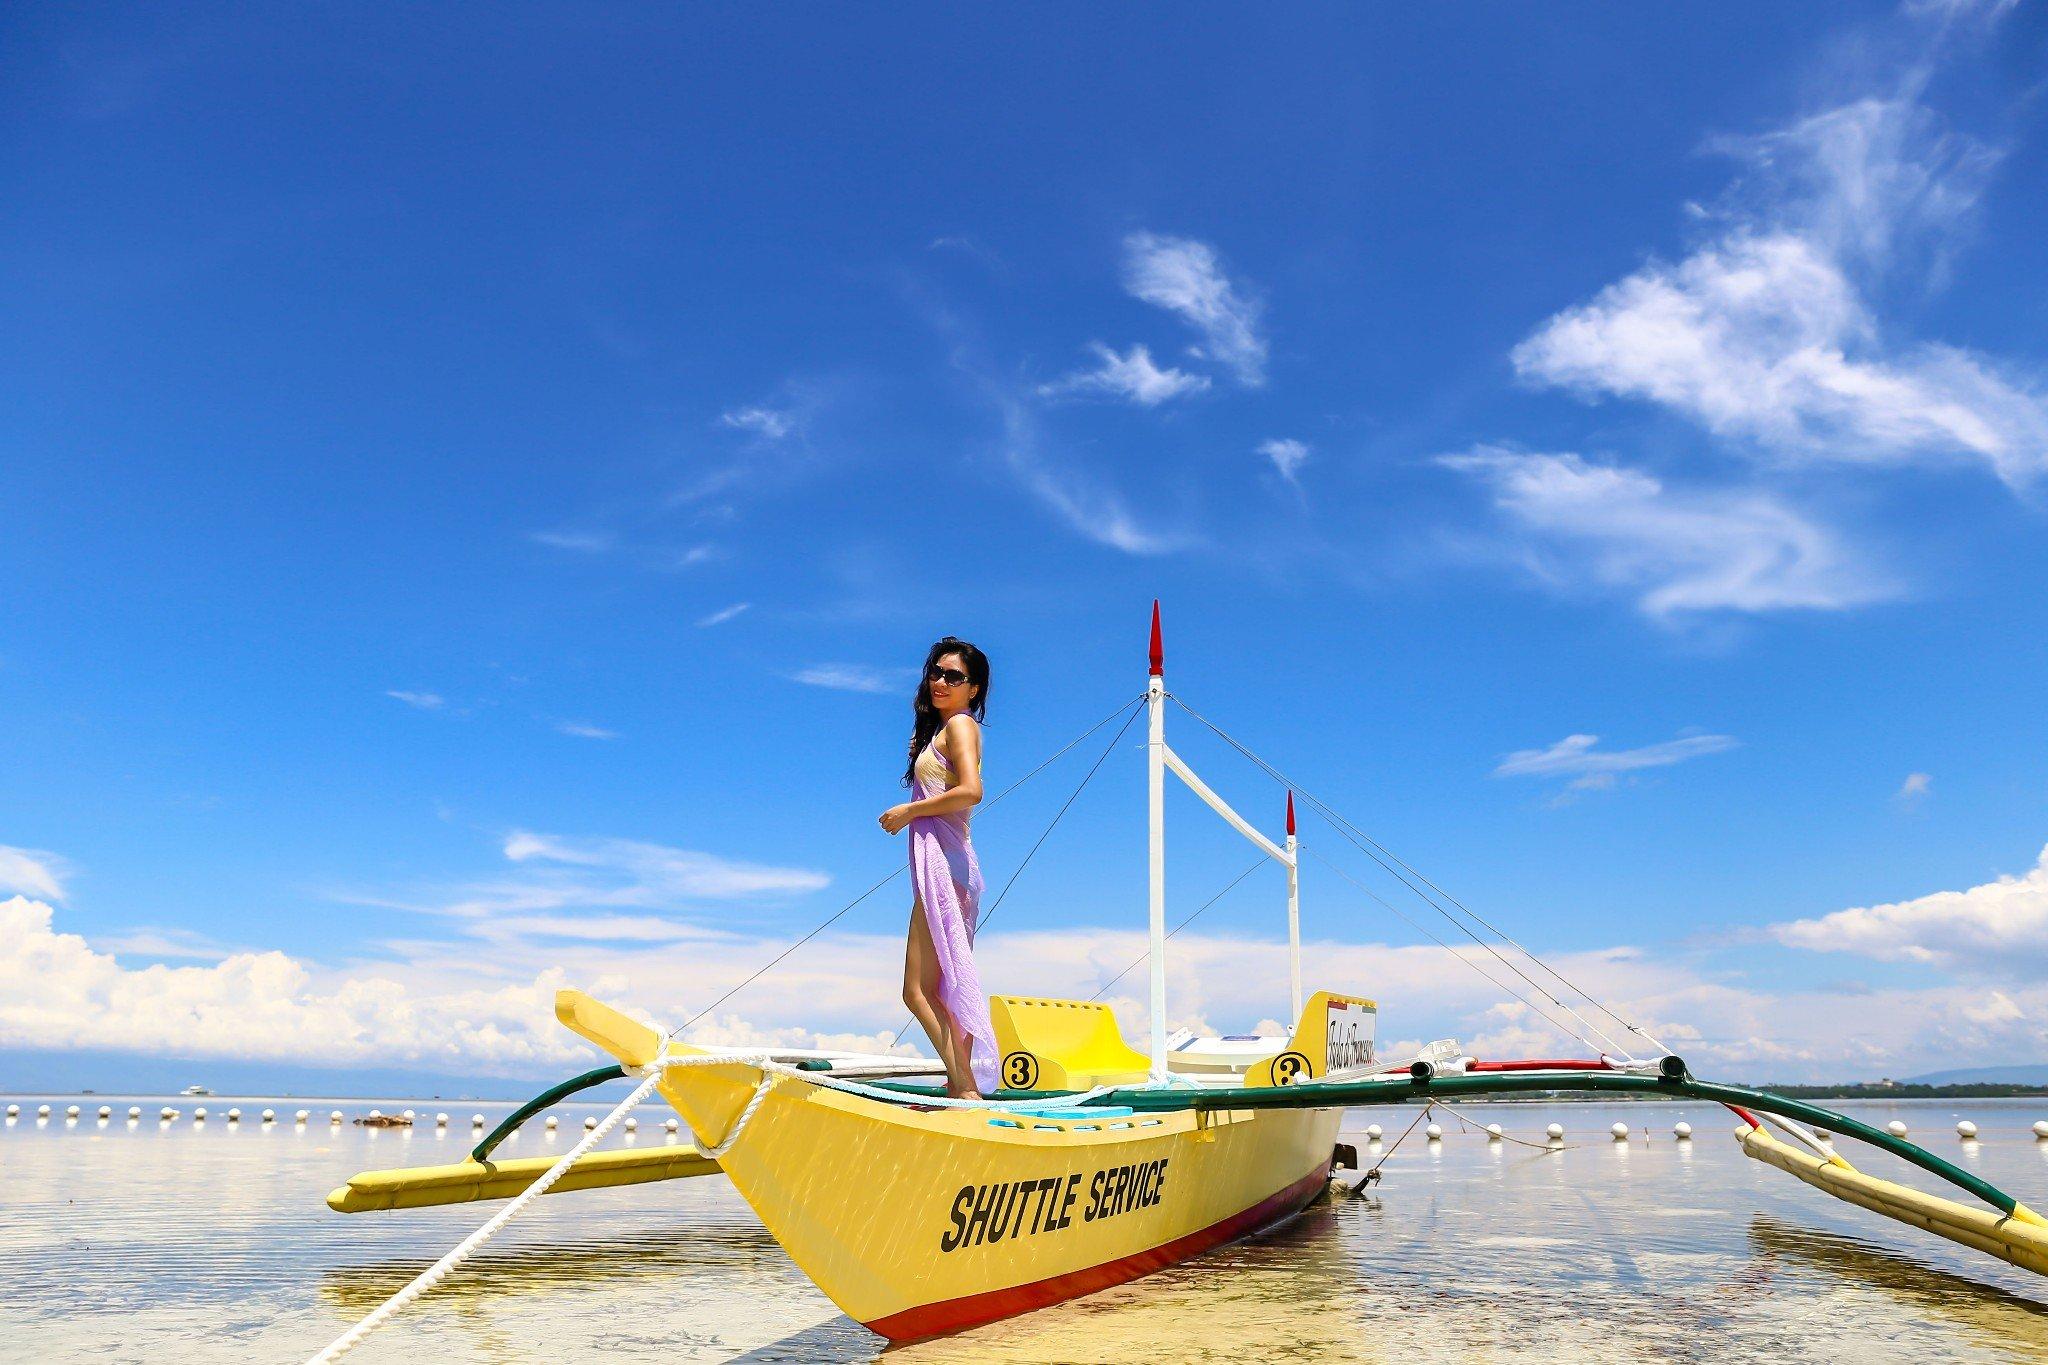 菲律宾休闲潜水之旅—薄荷丶杜马盖地